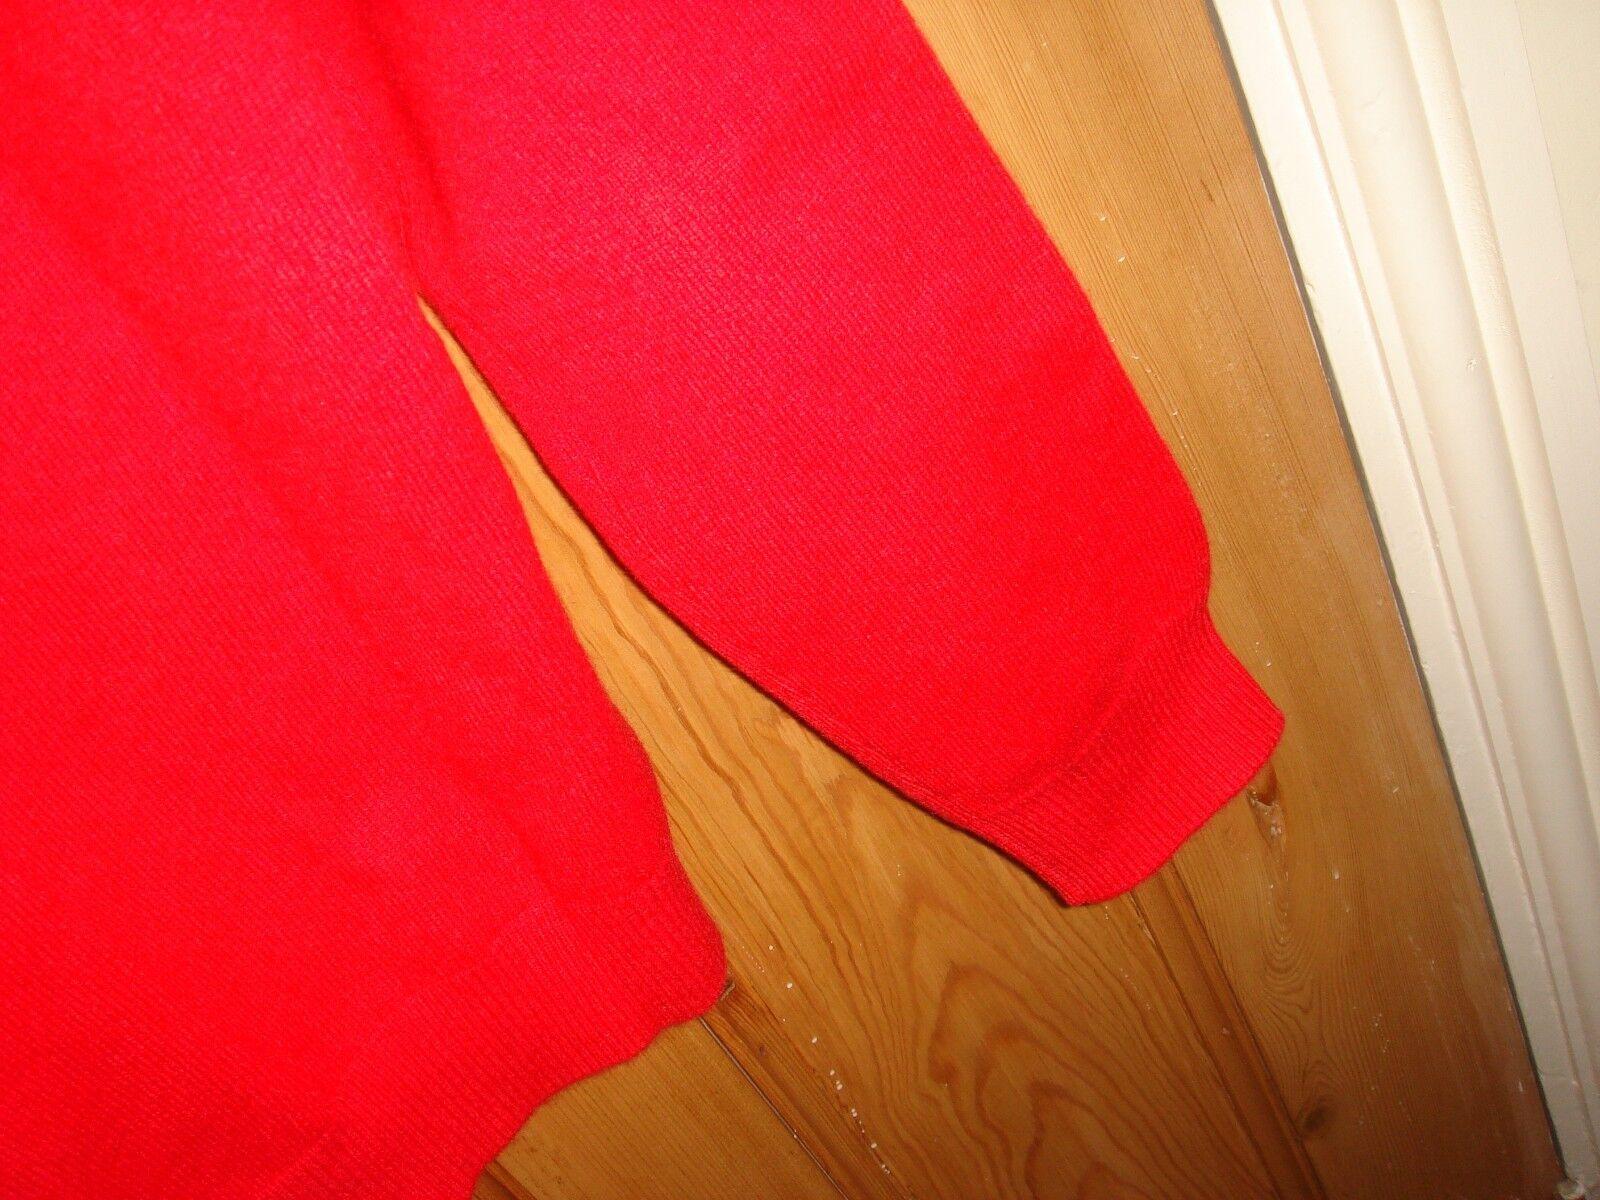 Eric bompard designer pure cashmere cashmere cashmere sweater jumper mens brand new red medium 312daf